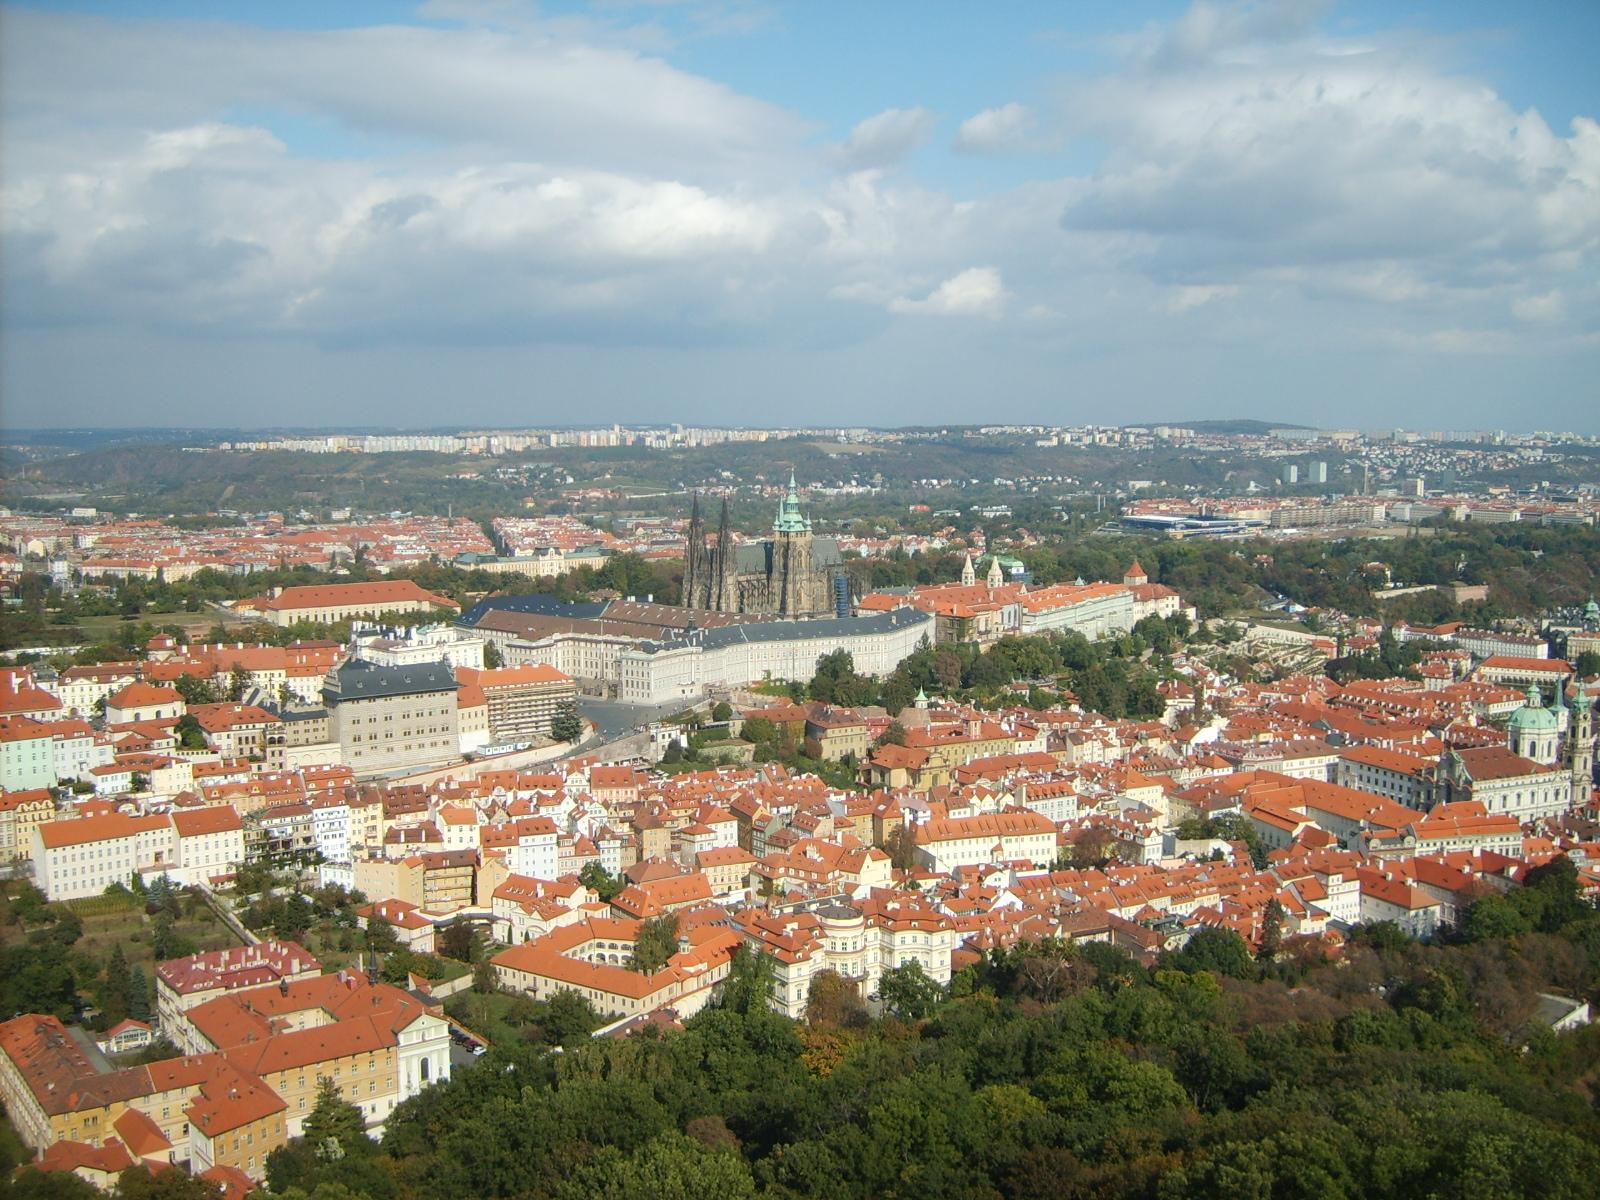 Pražský hrad, Letná a sídl. Severní Město z Petřínské rozhledny.JPG